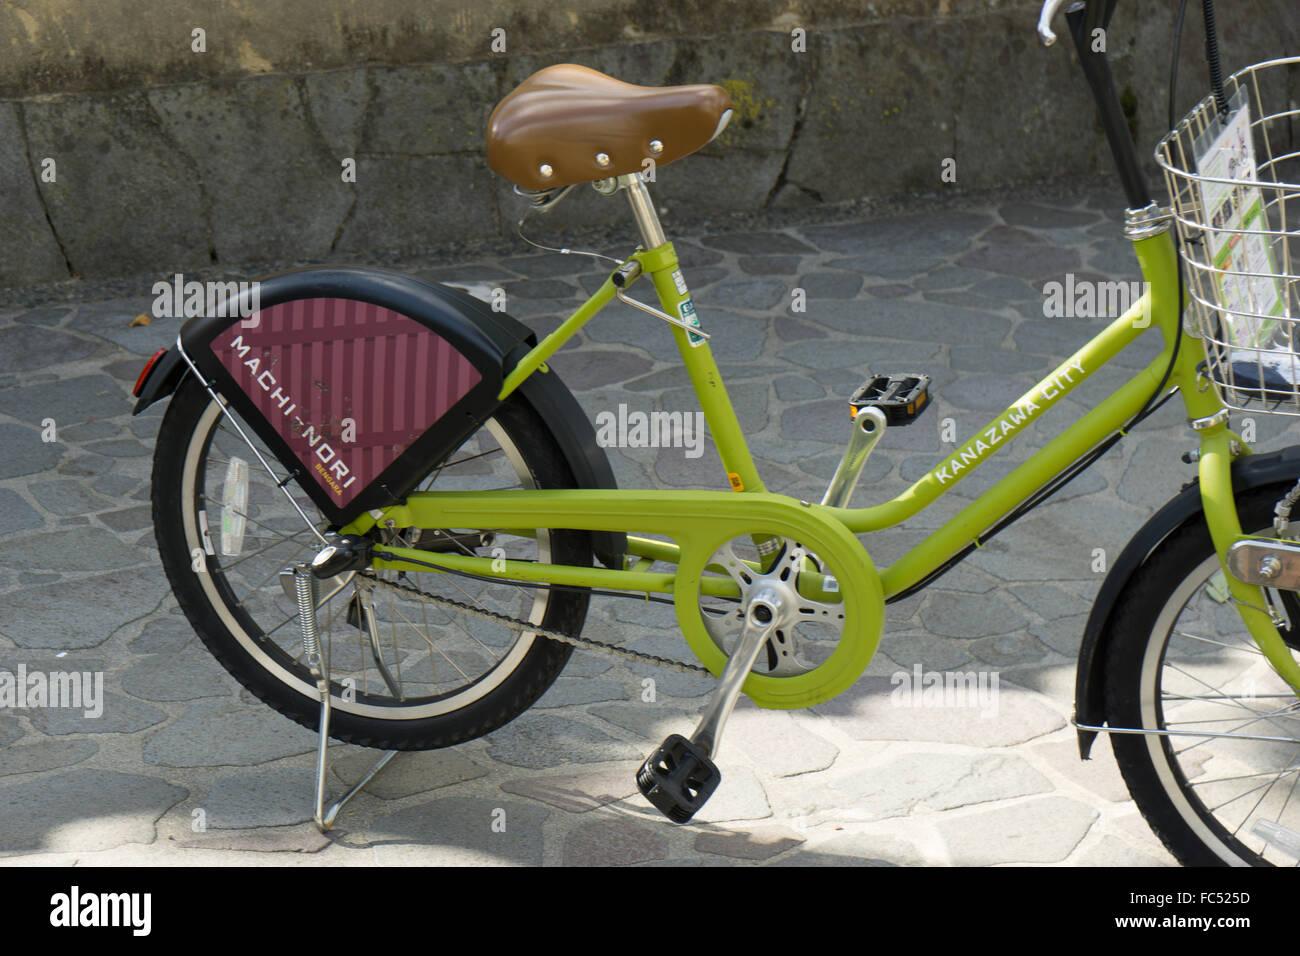 city bike Kanazawa Japan - Stock Image